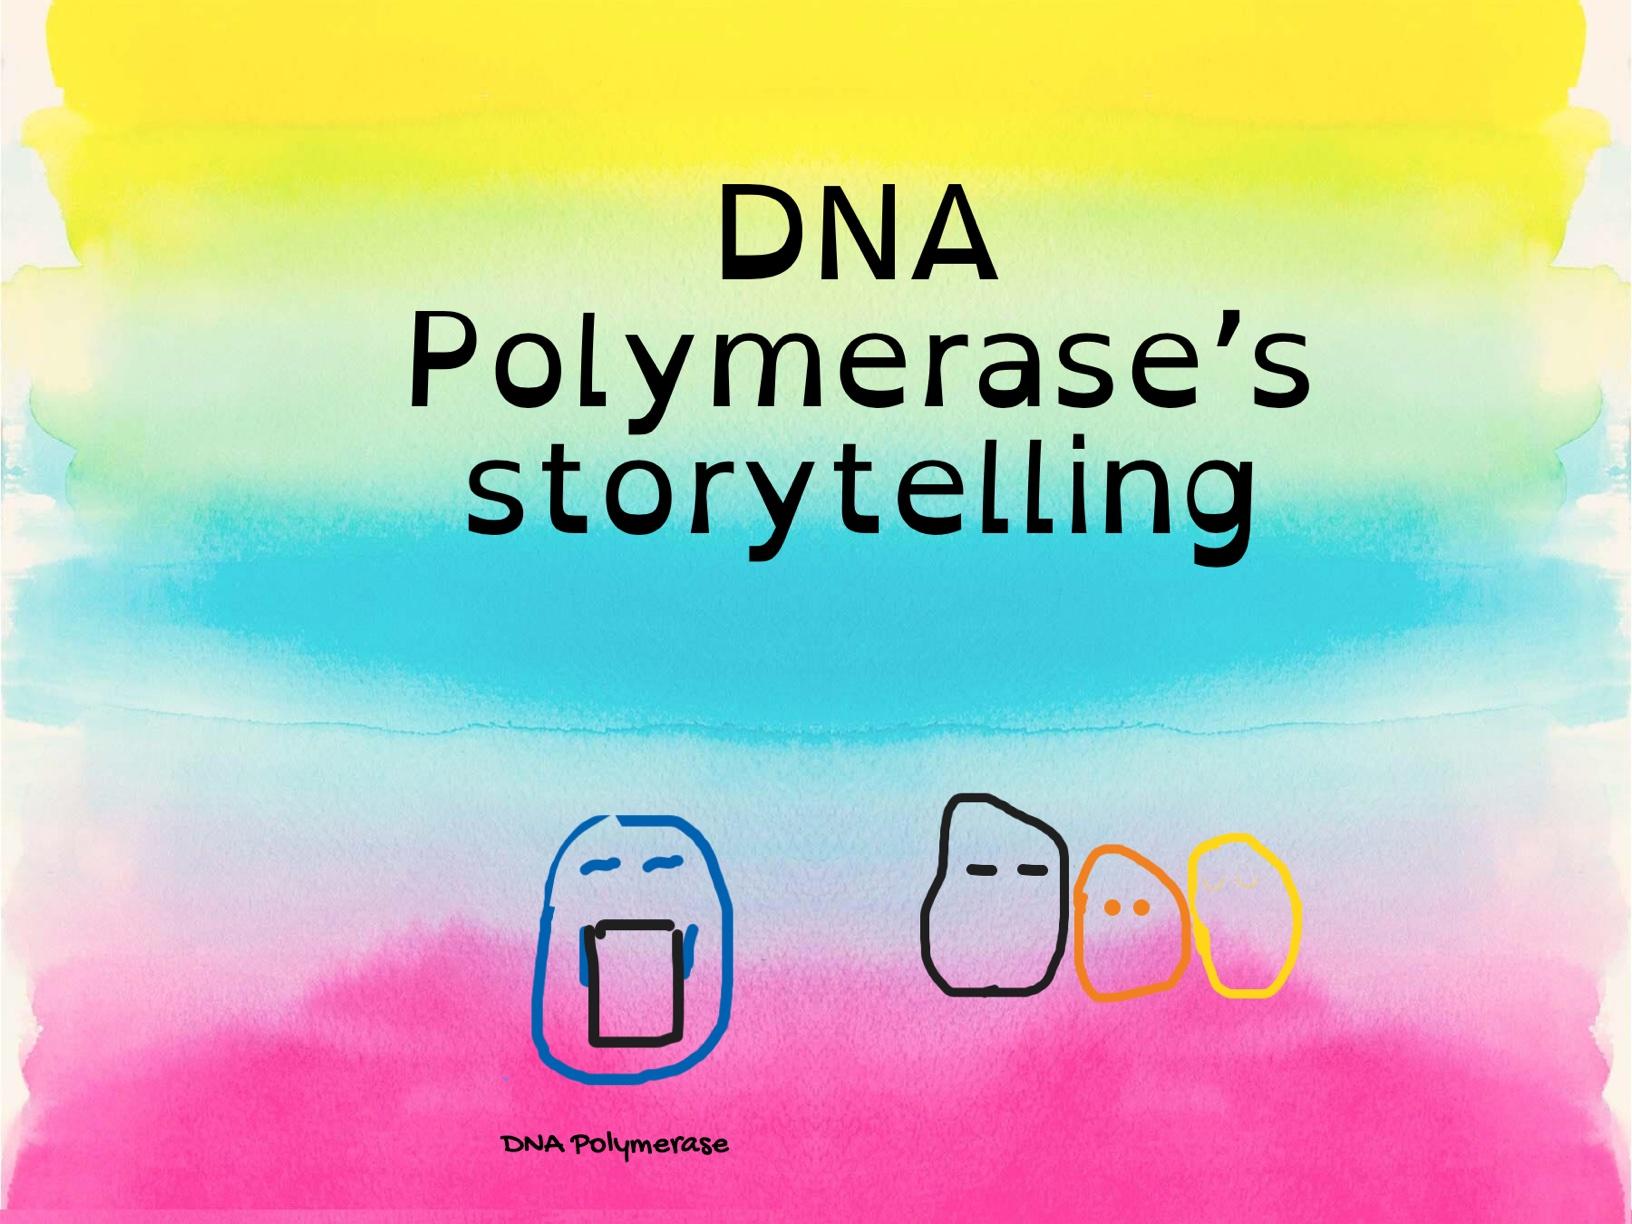 DNA Polymerase's Storytelling